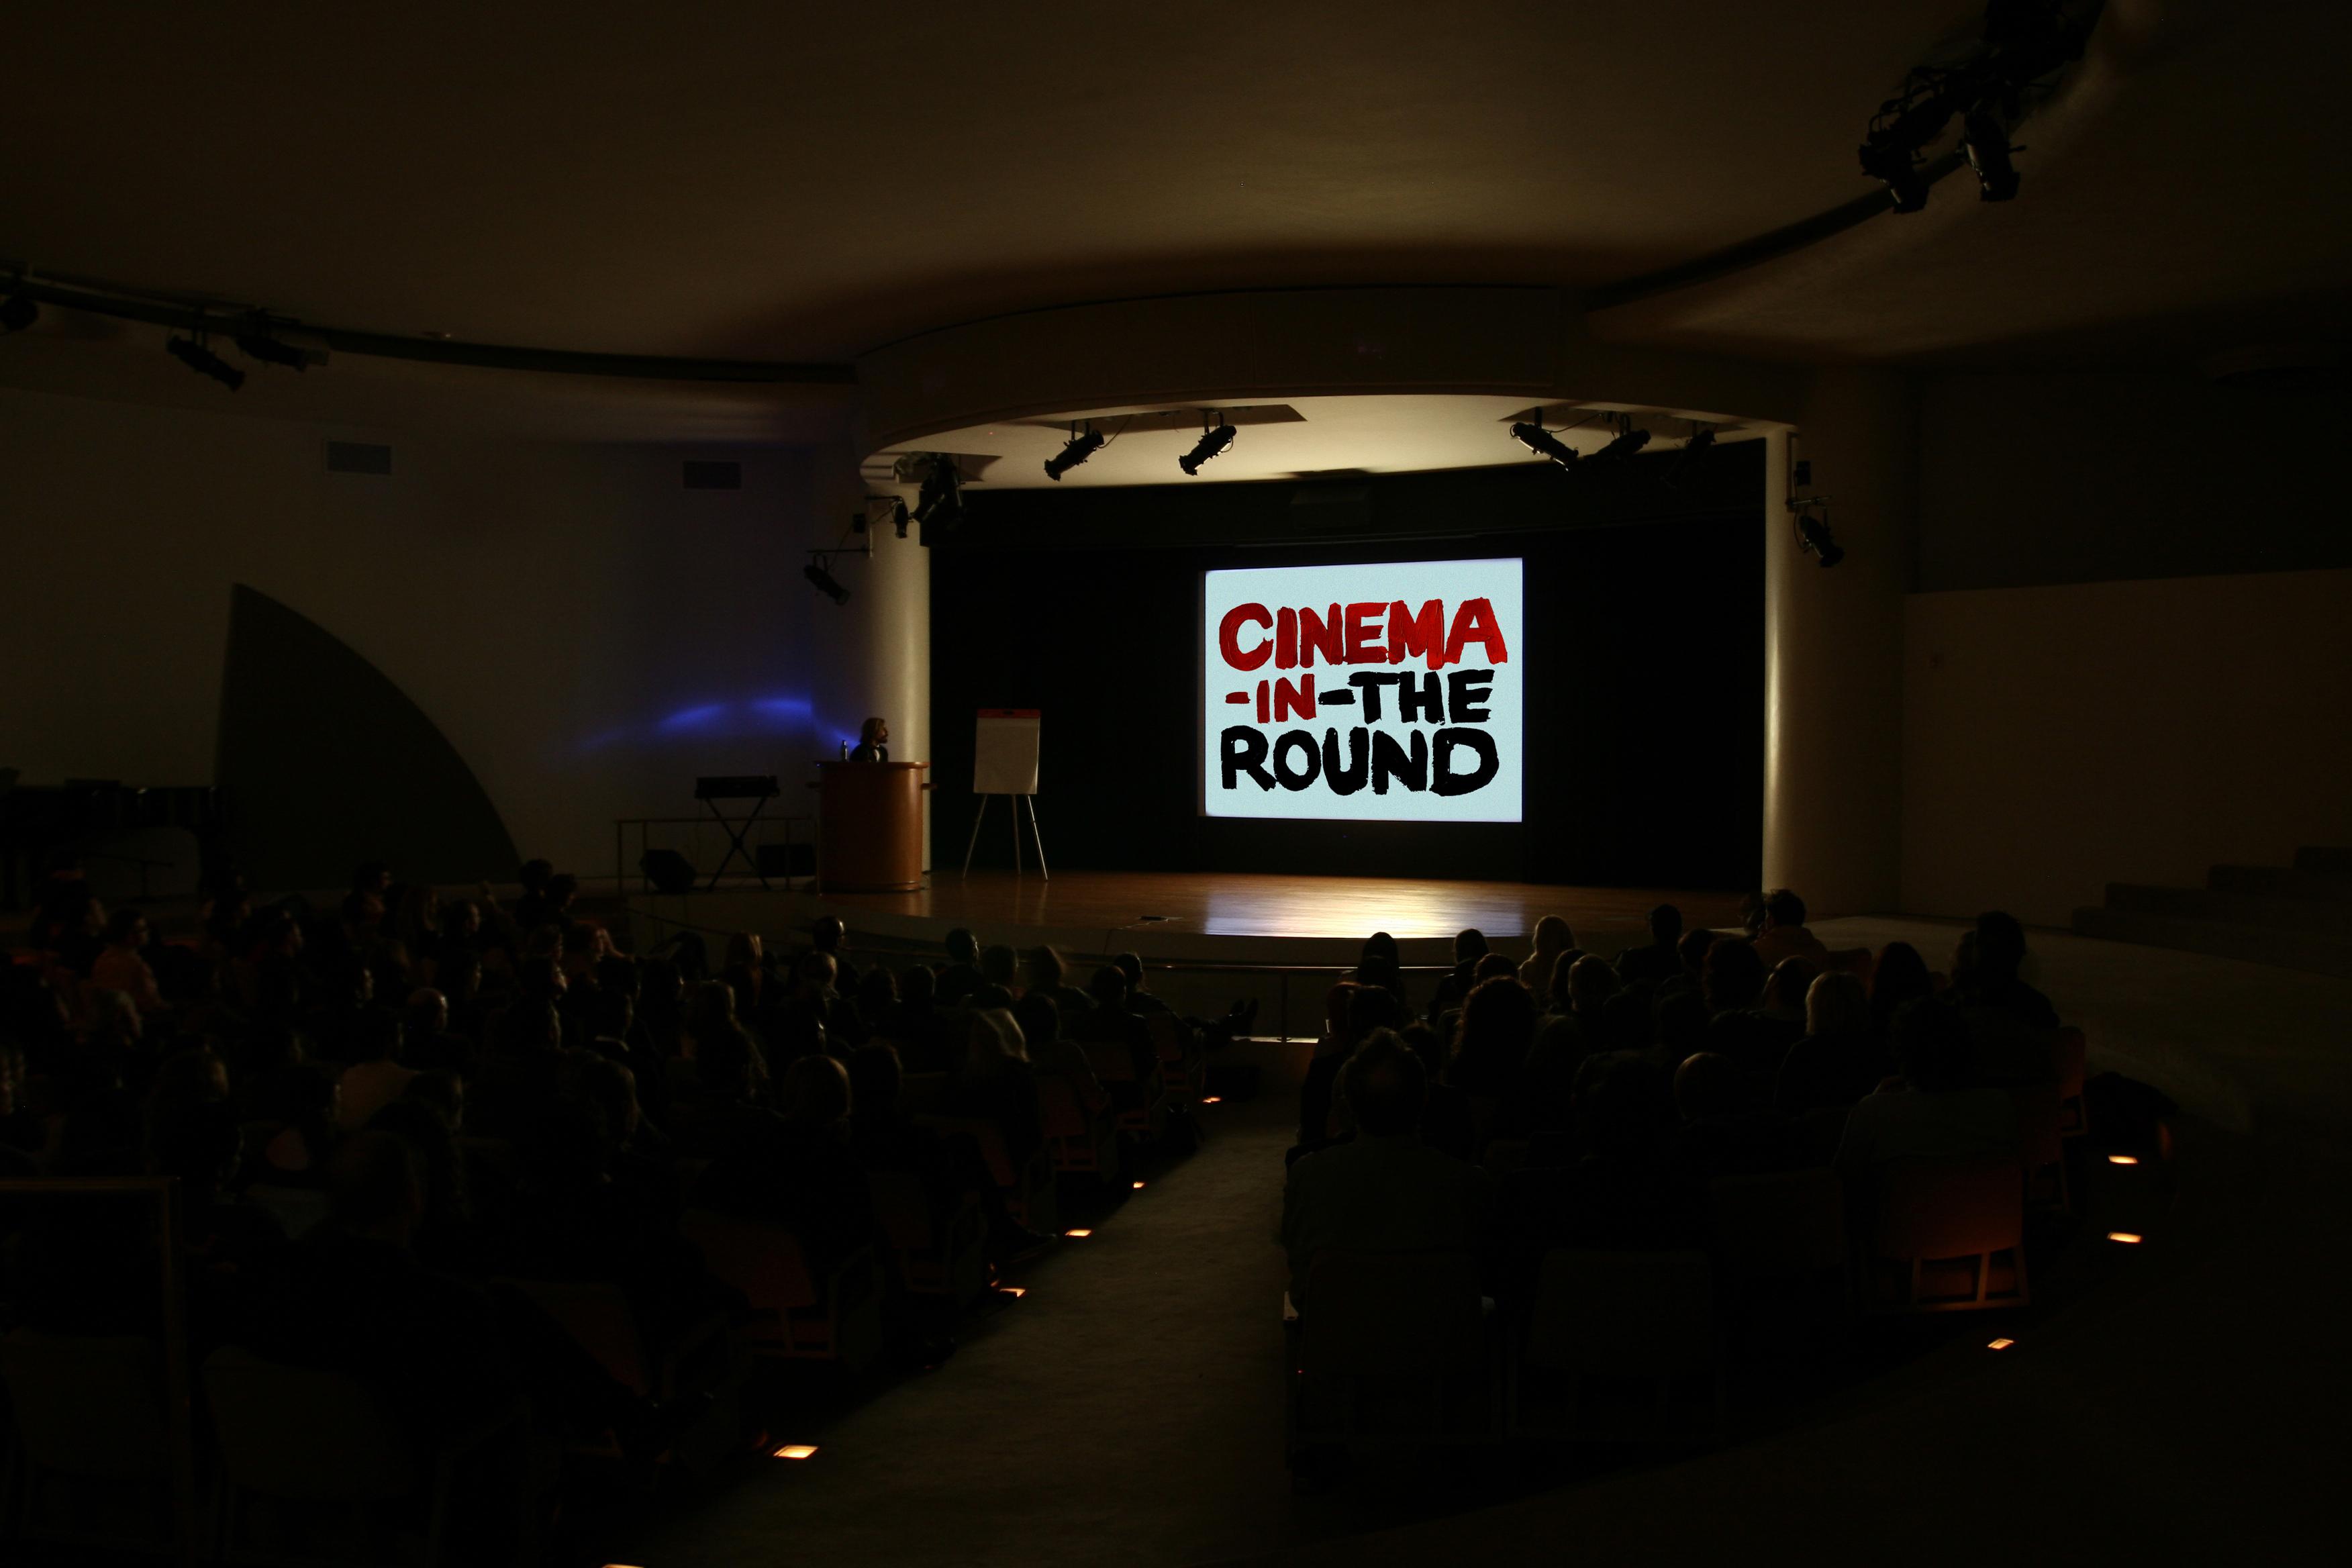 2013-08-13-CinemaintheRound.jpg